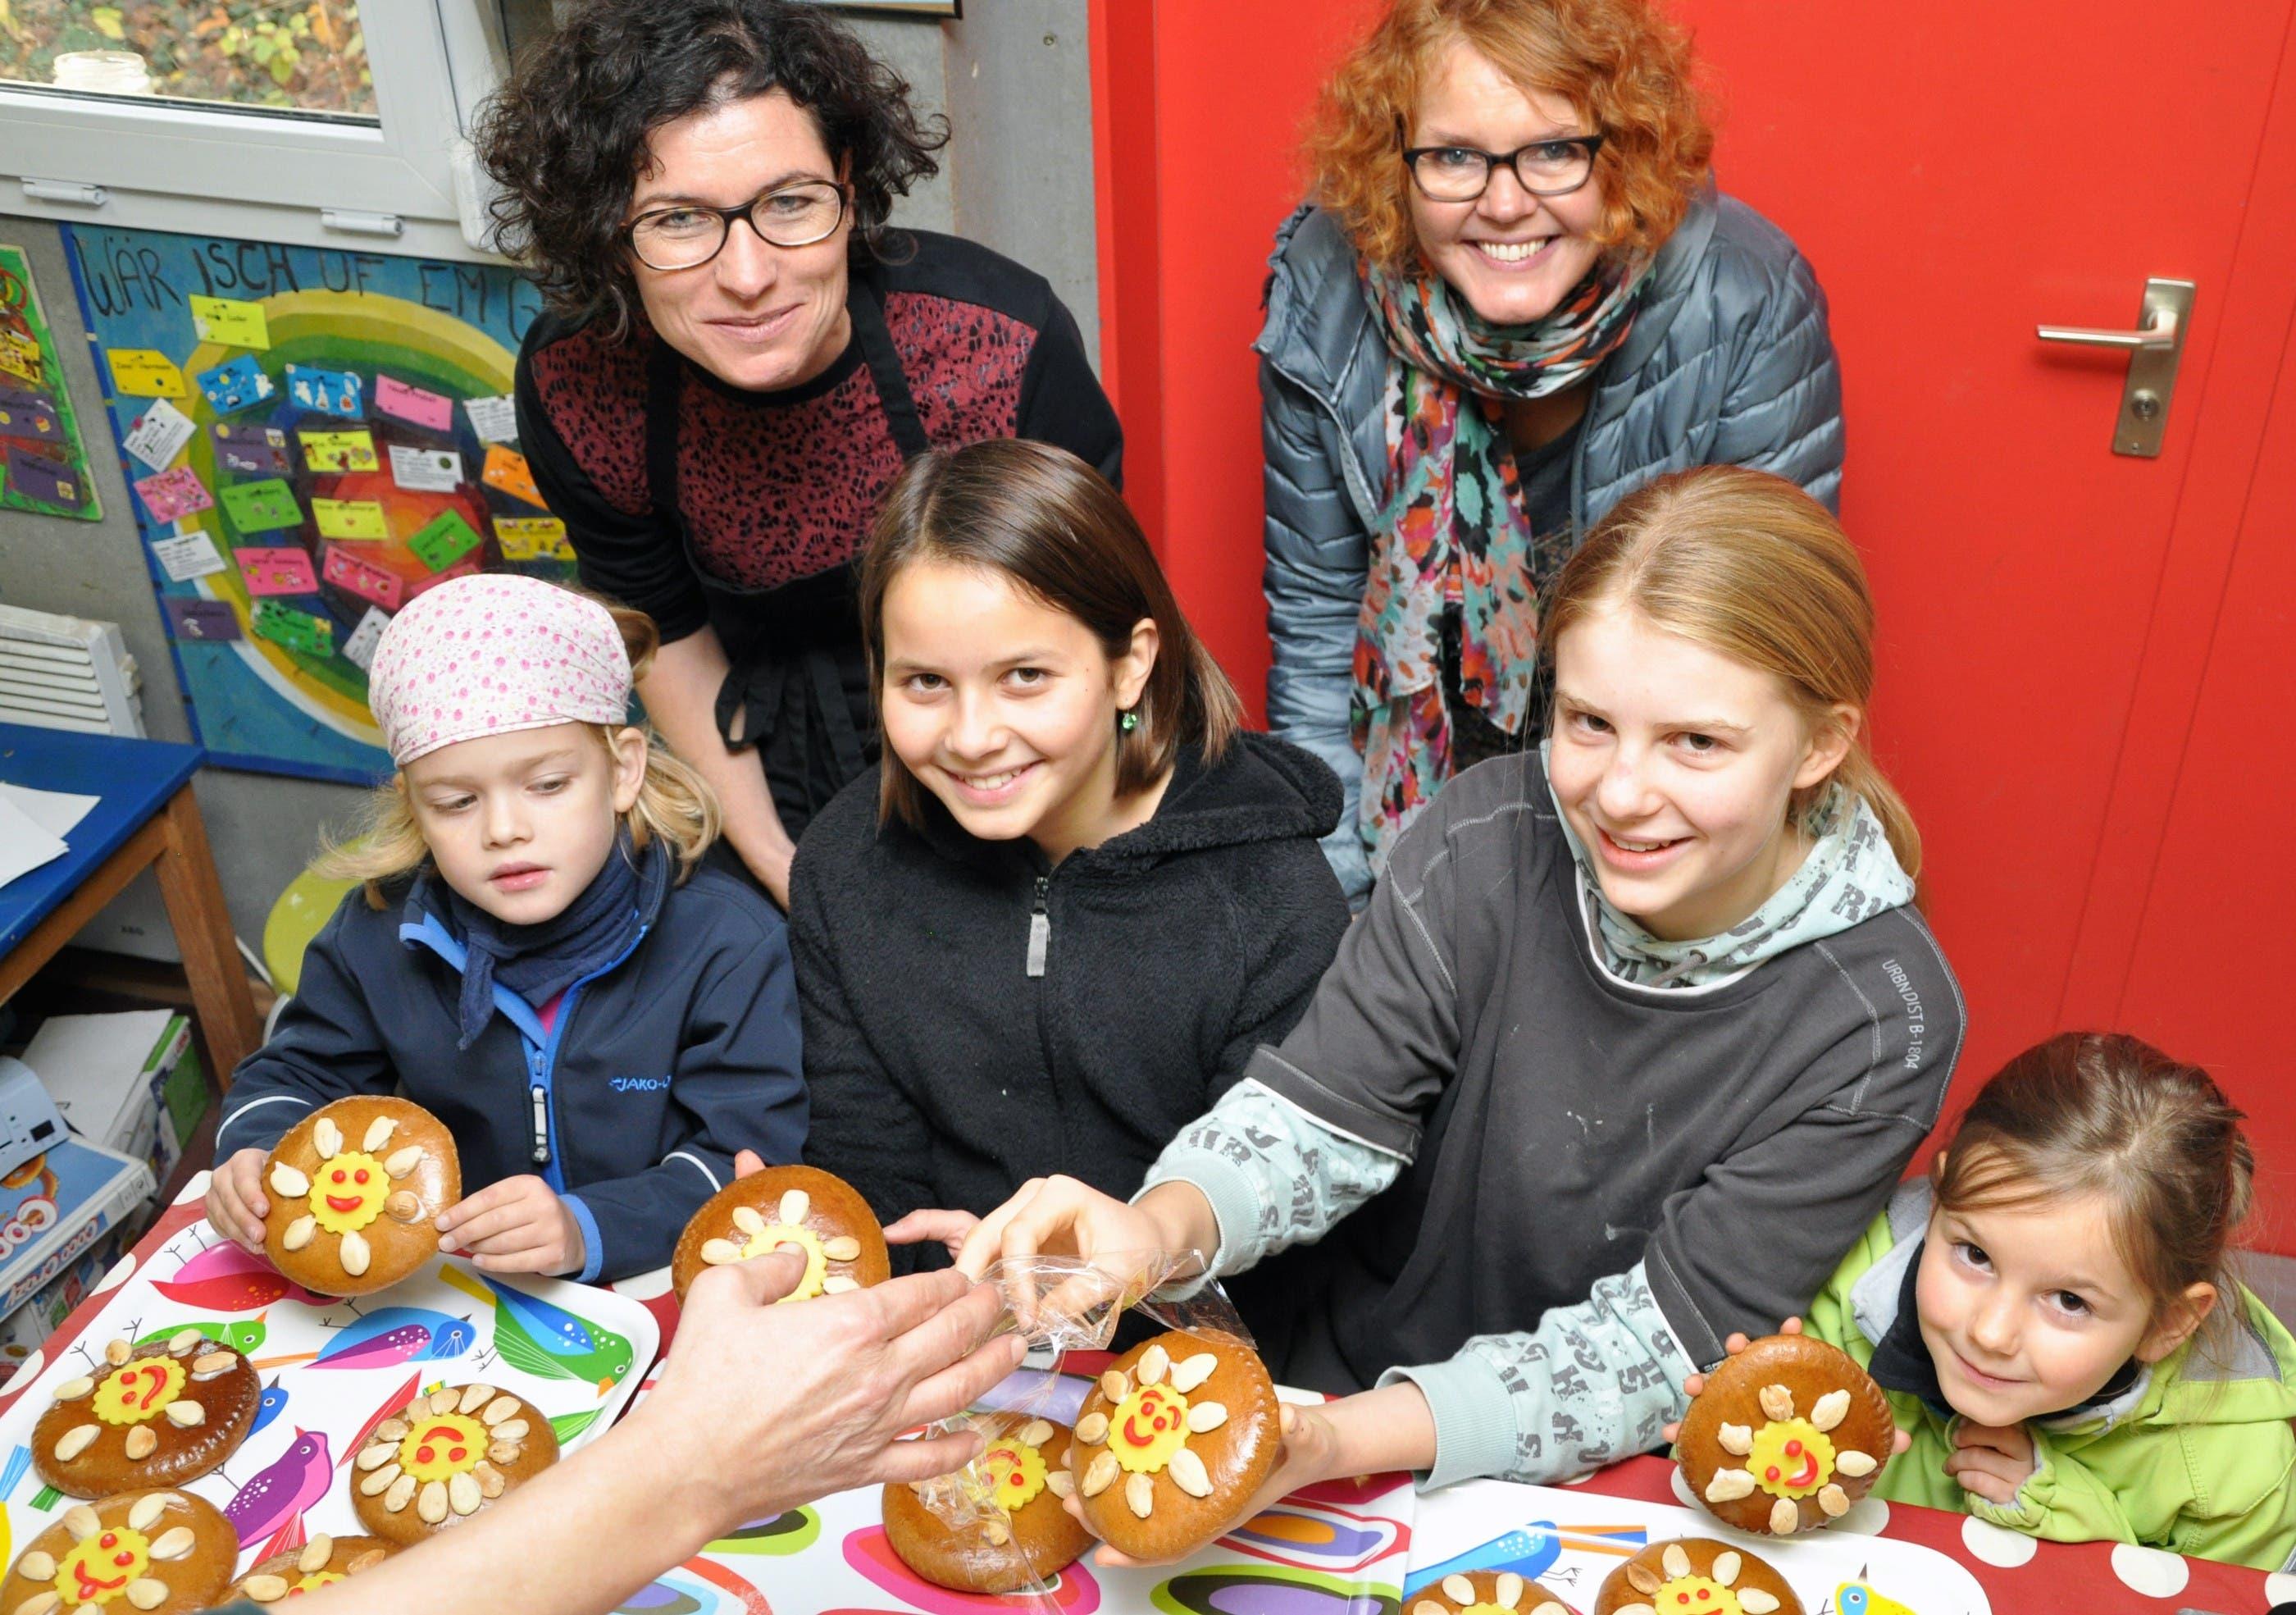 Kinder und Soroptimistinnen verzieren Lebkuchen.jpg Kinder auf dem Spielplatz Güggi verzieren gemeinsam mit Mitgliedern von Soroptimist Club Solothurn Lebkuchen, die an Firmen der Region gehen.